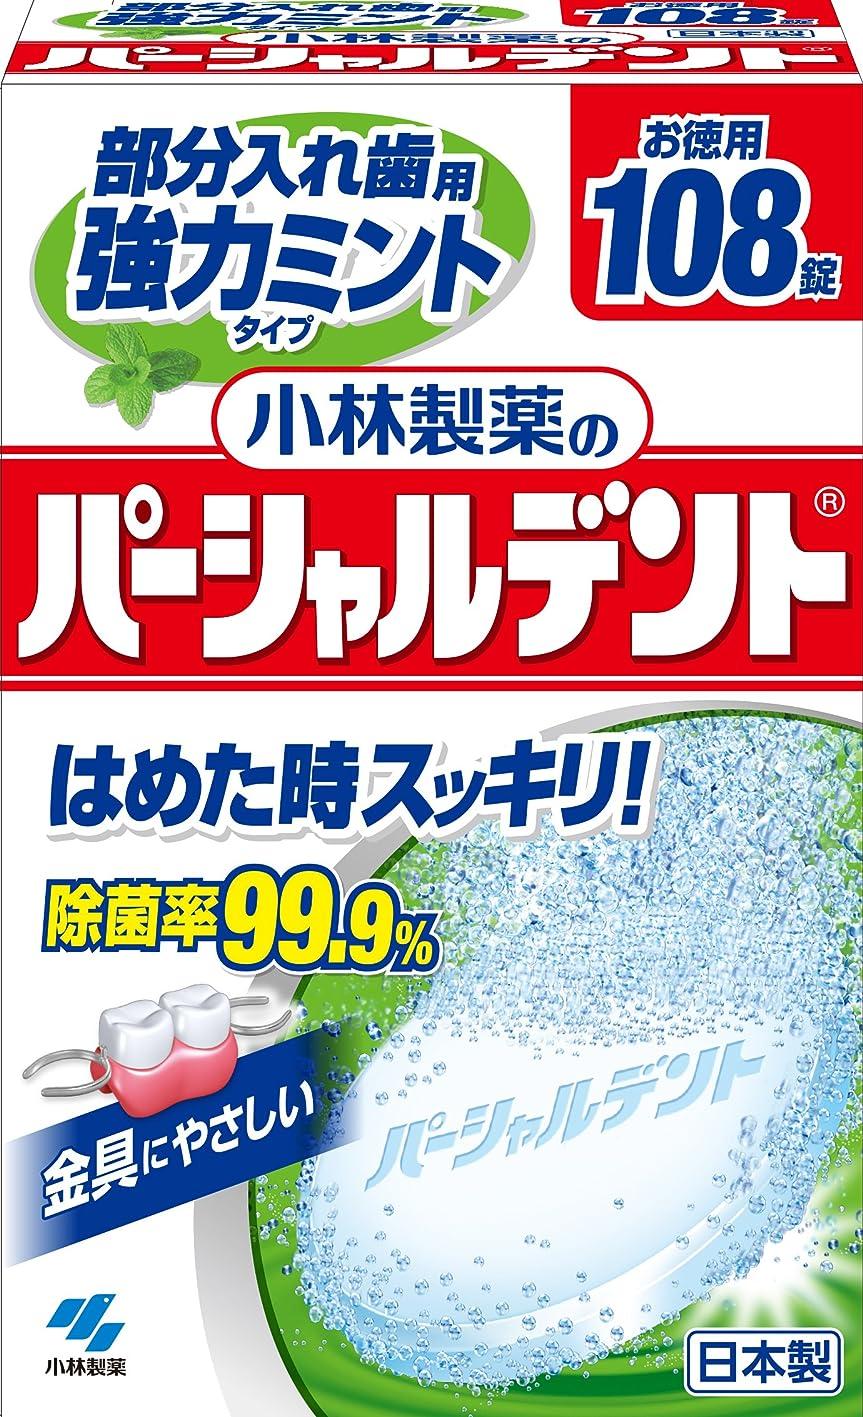 ベルベット心から社会小林製薬のパーシャルデント強力ミント 部分入れ歯用 洗浄剤 ミントの香り 108錠